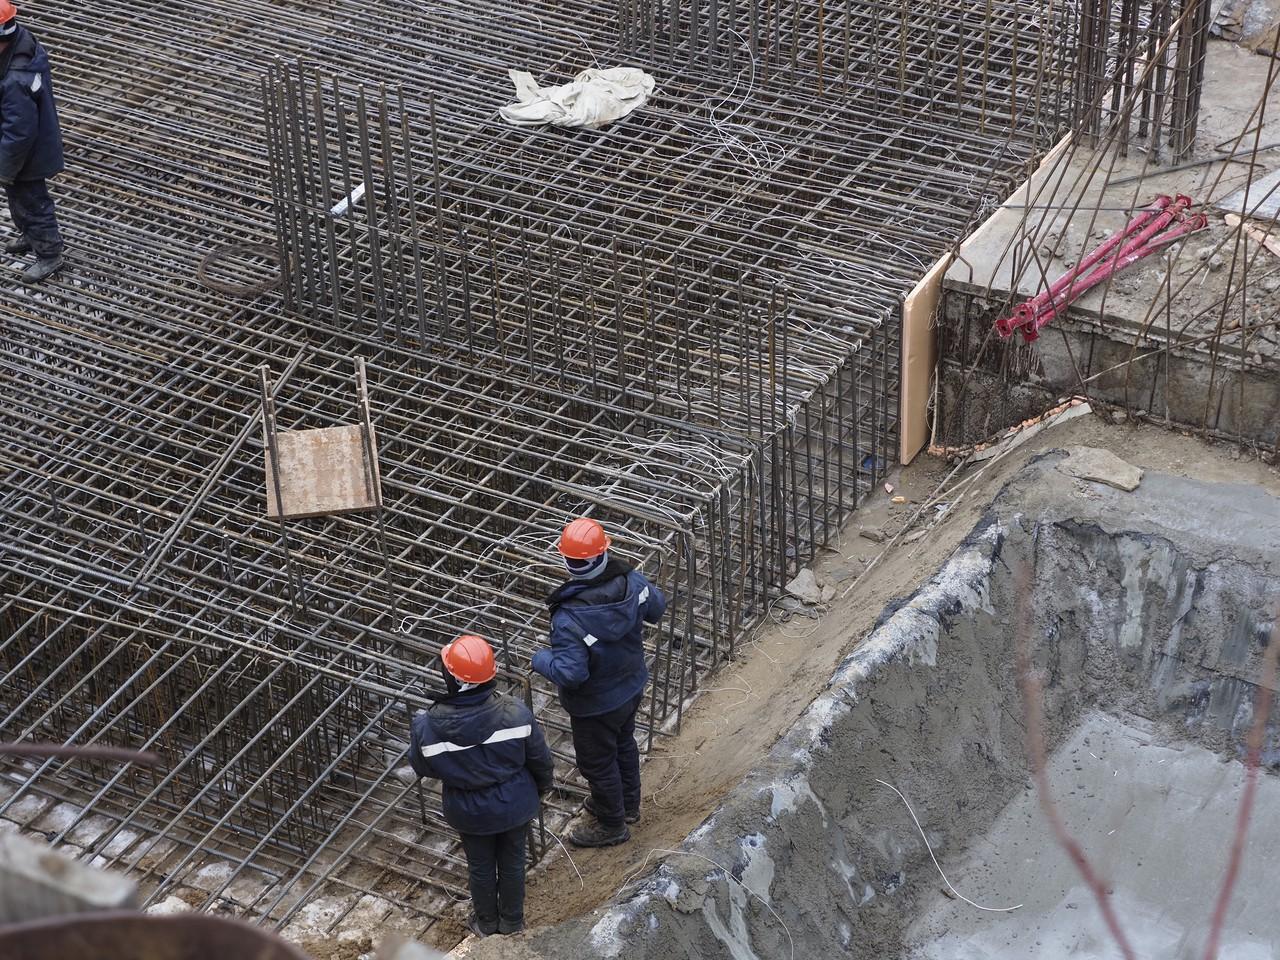 Завершить реализацию проекта девелопер планирует в первом квартале 2023 года. Фото: Антон Гердо